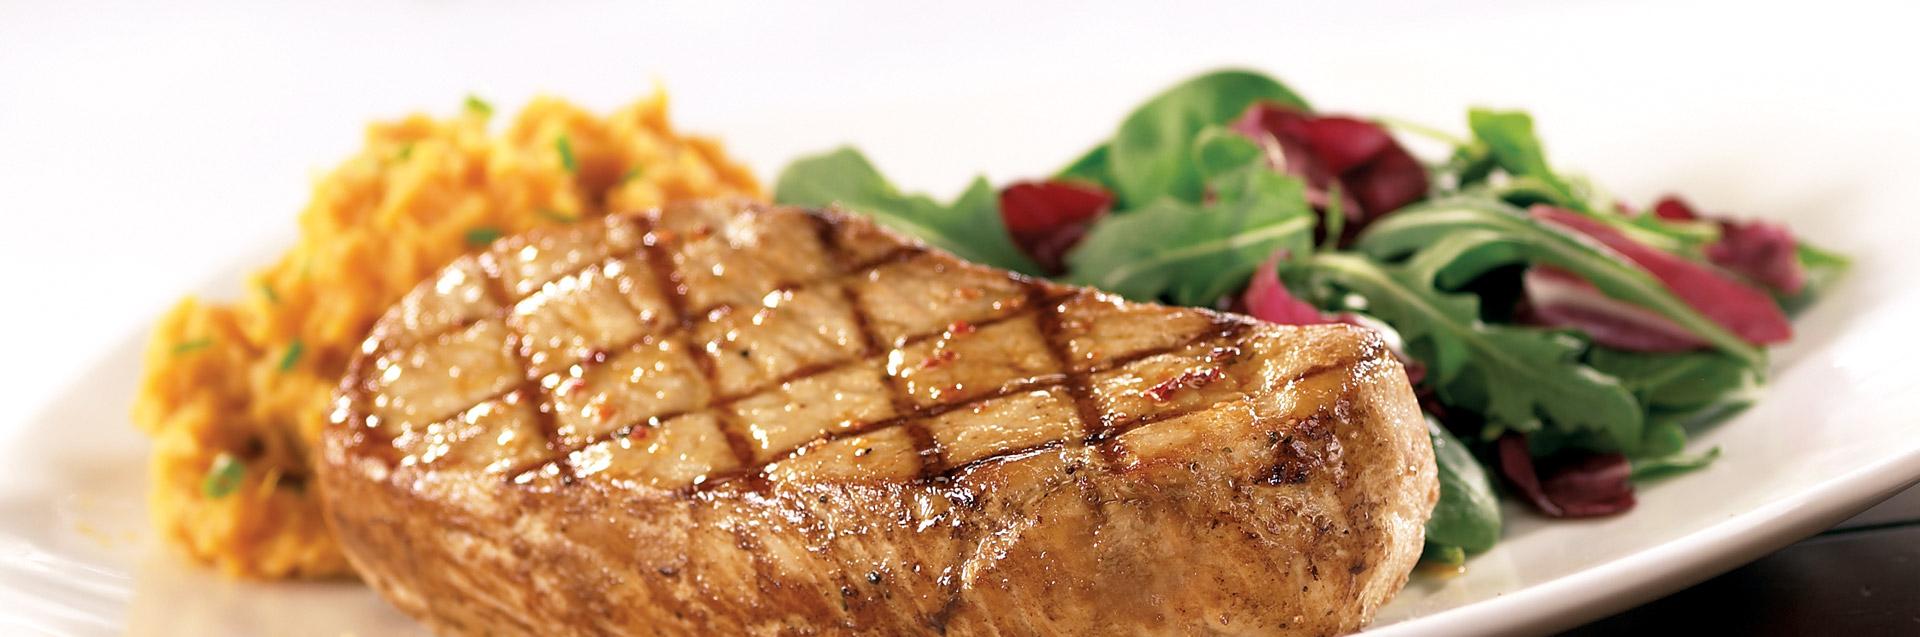 Hatfield steak